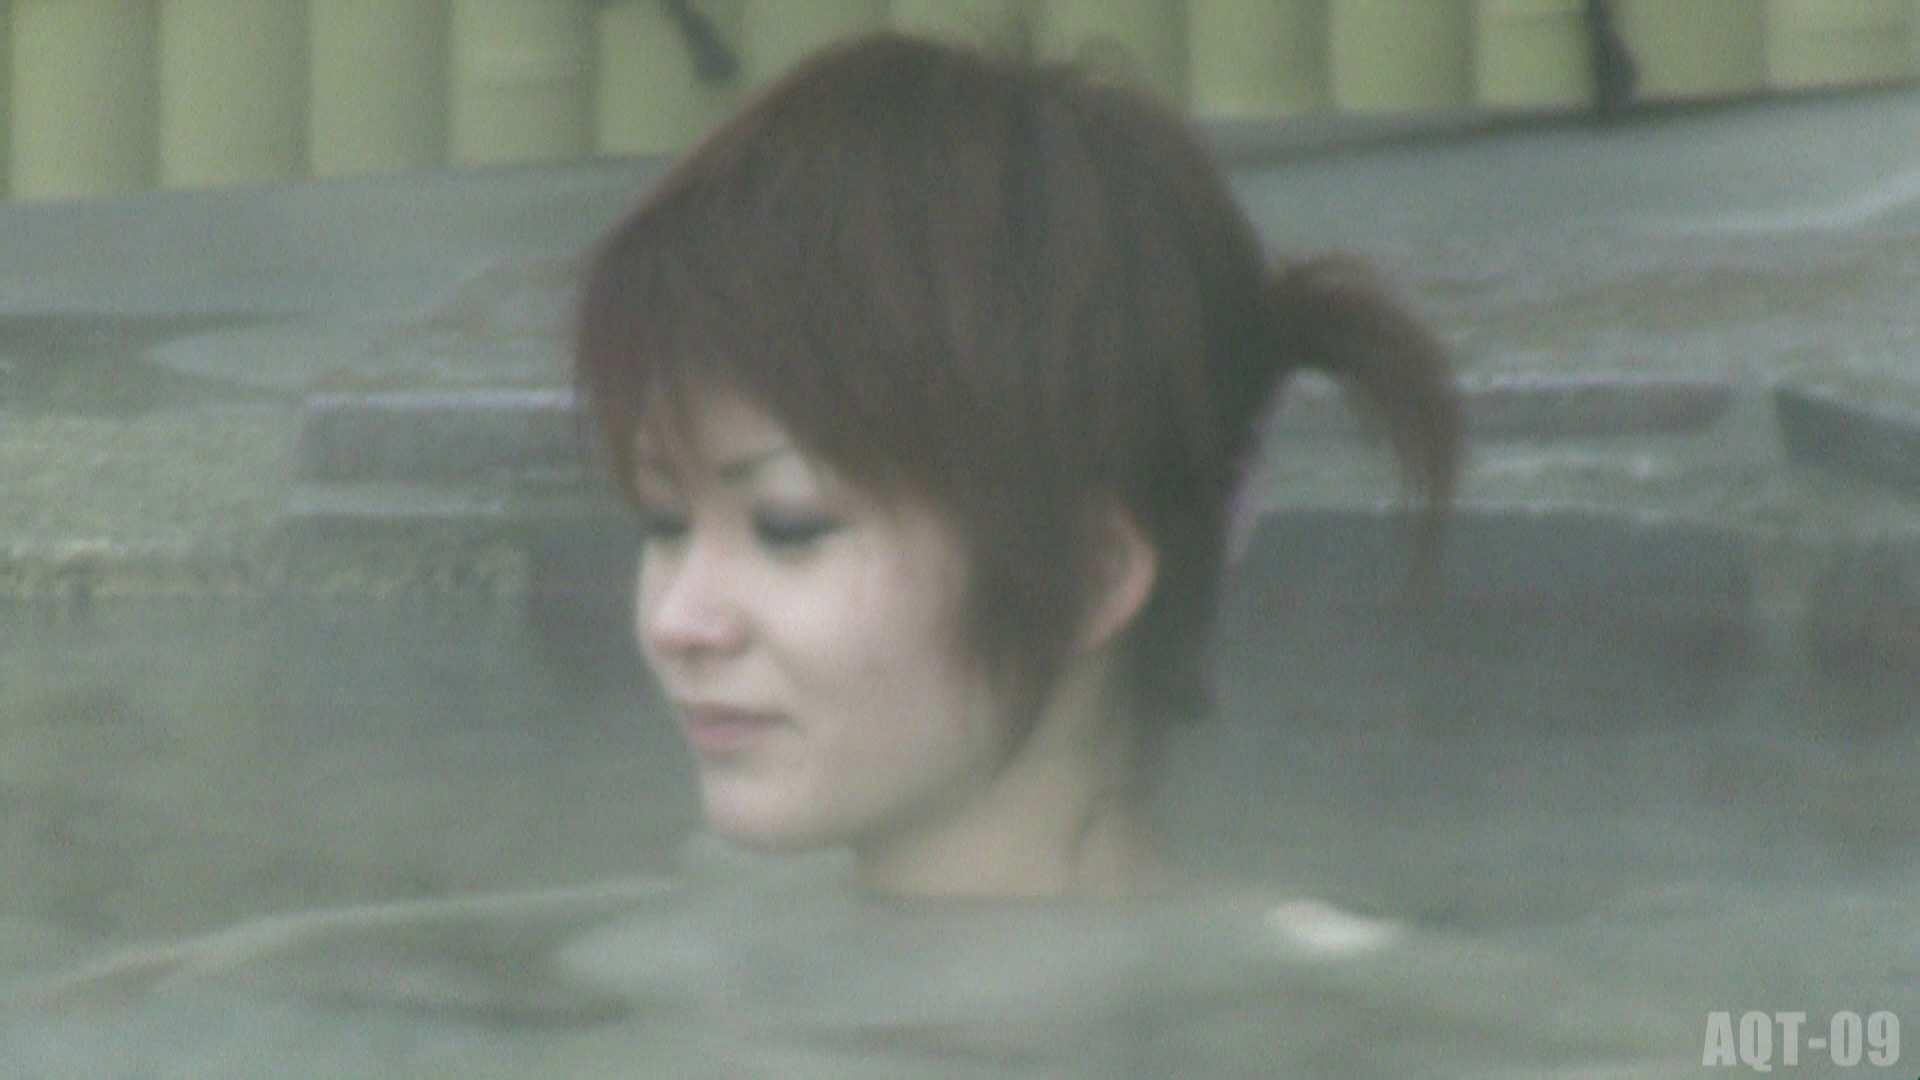 Aquaな露天風呂Vol.779 盗撮  107画像 30